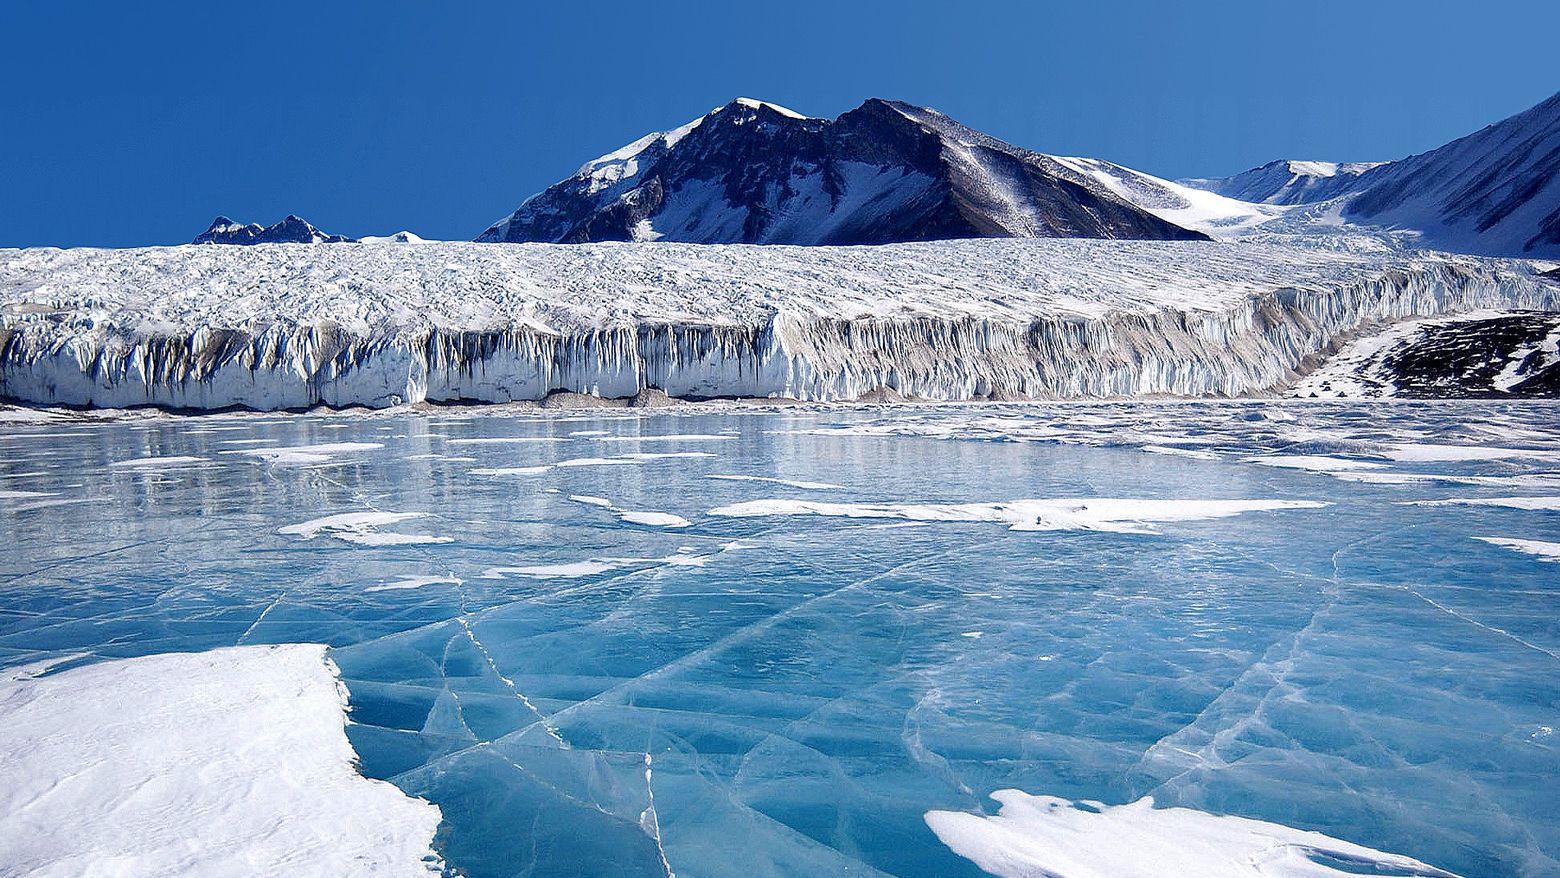 Mængden af is og sne på Jorden har stor betydning for klimaet, da is og sne reflekterer noget af Solens stråling. Læs mere om is og snes betydning her.